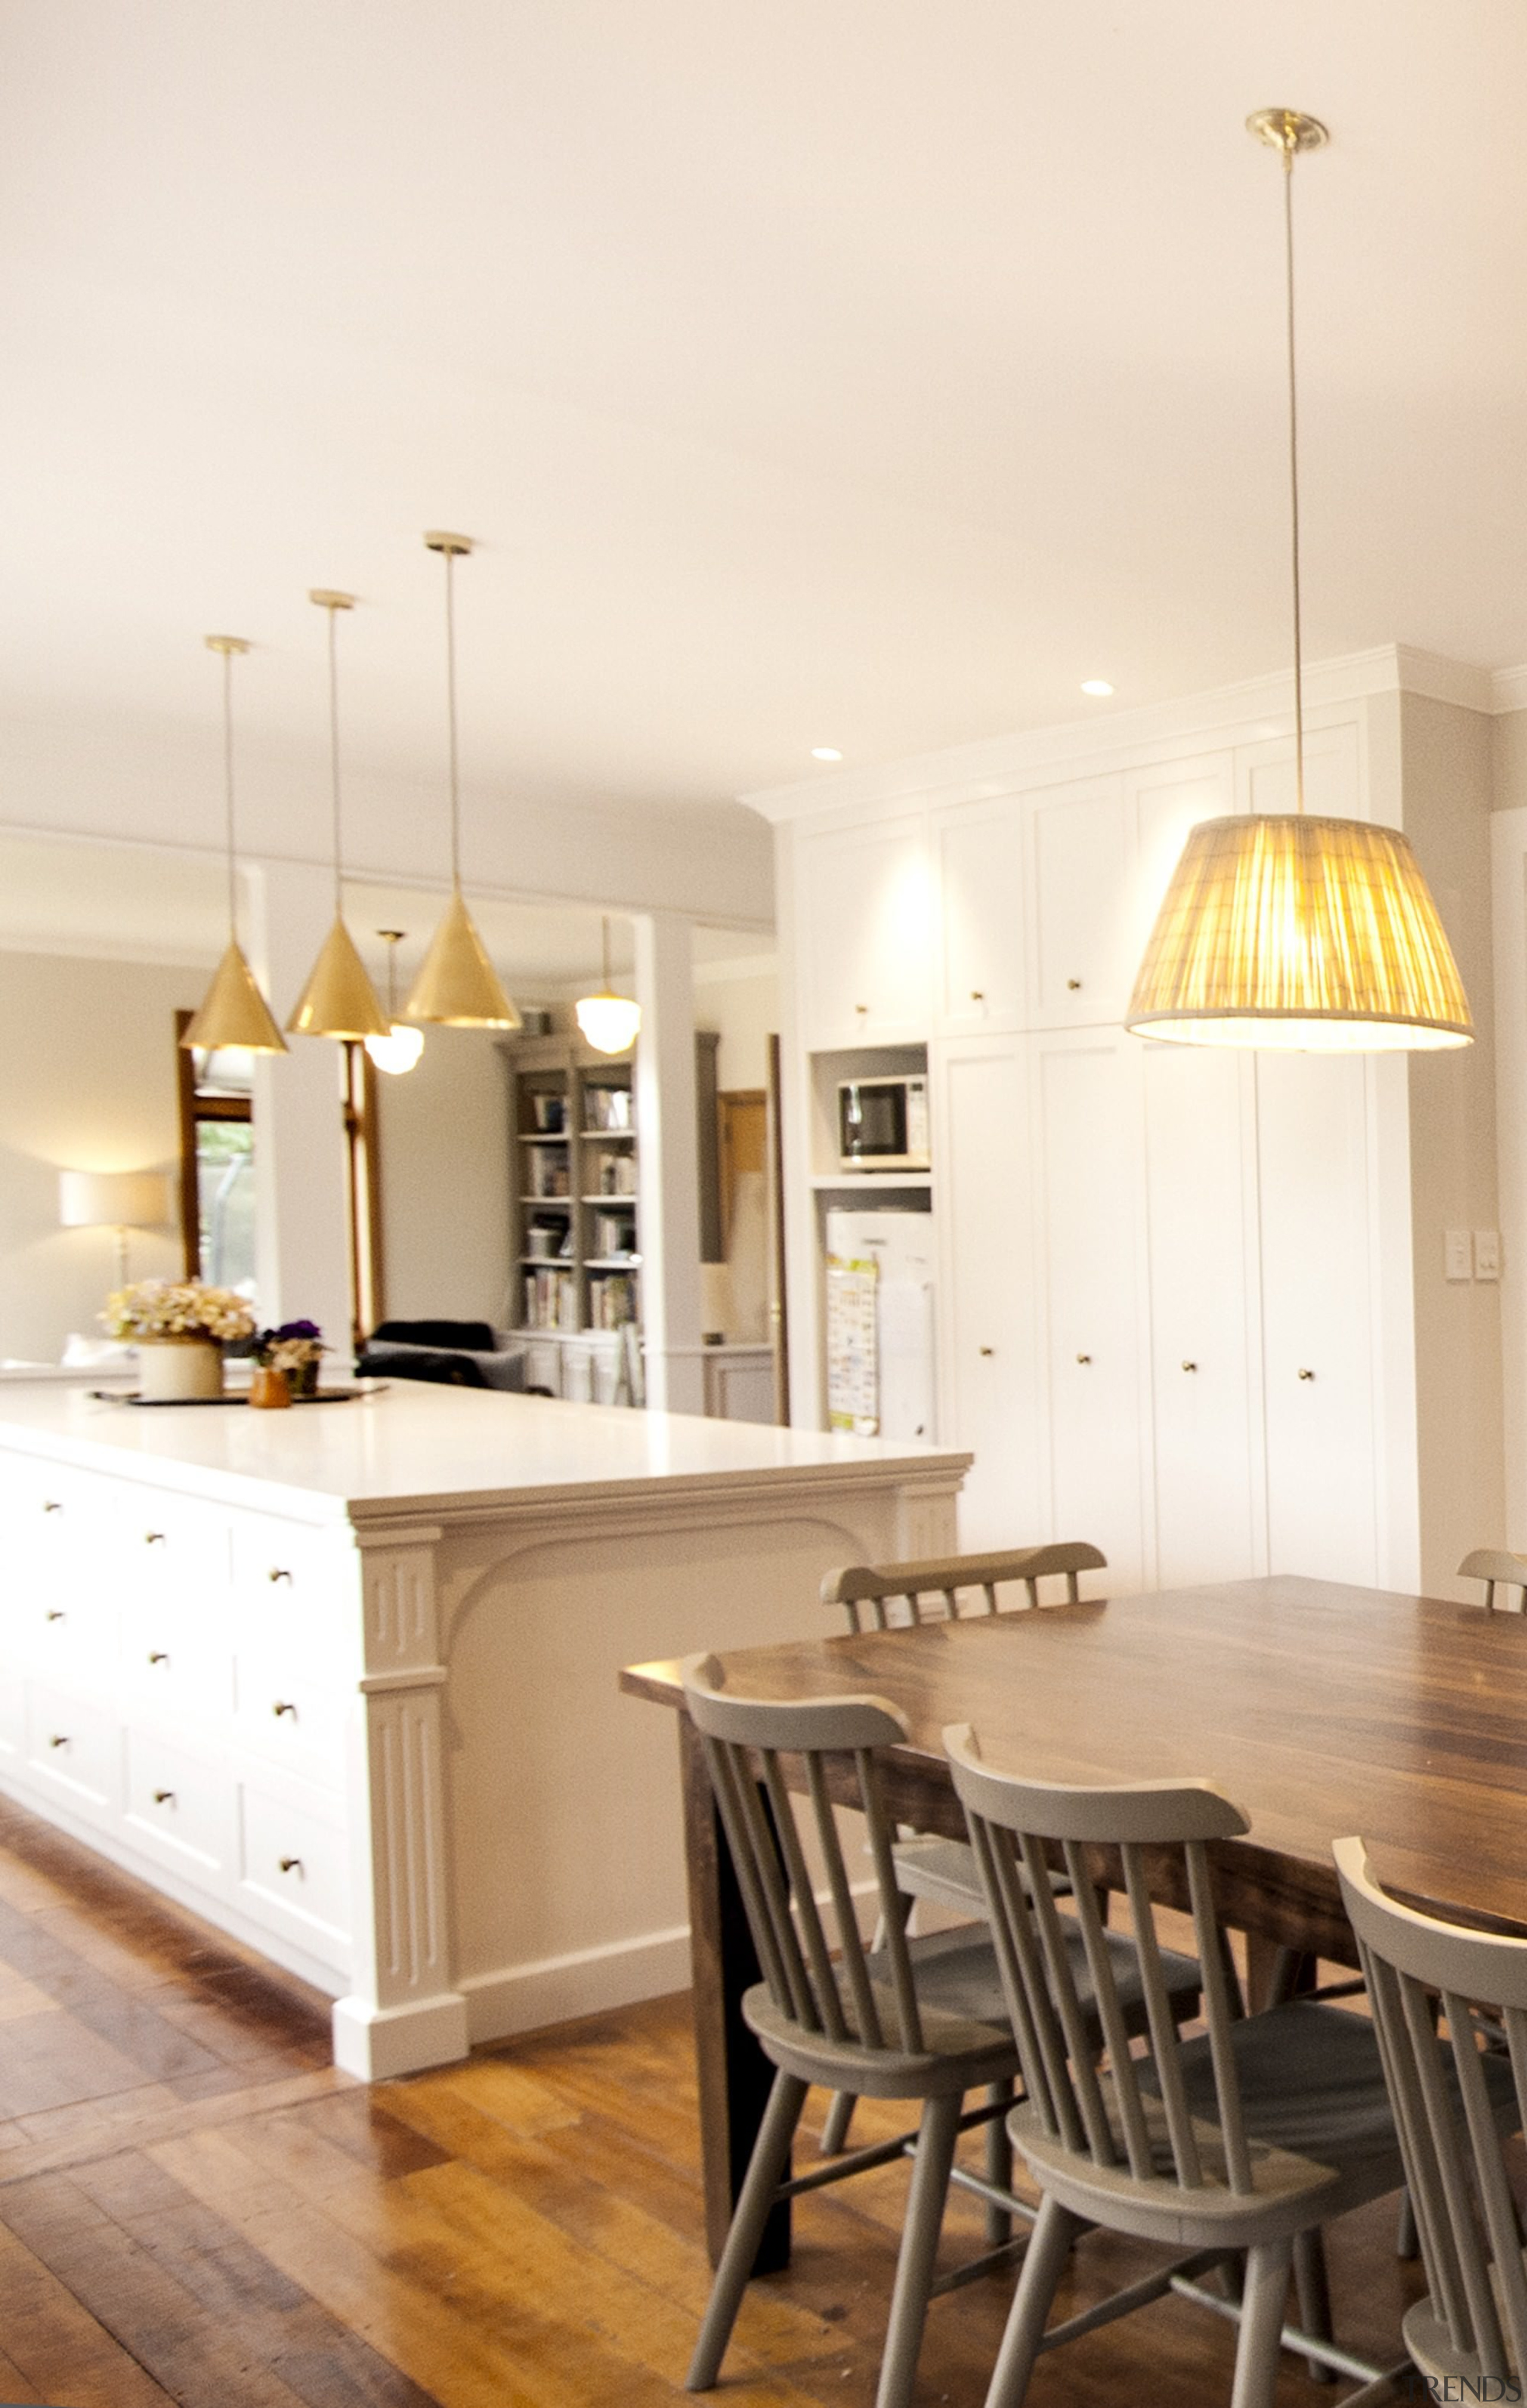 TIDA NZ 2017 – Designer kitchen entrant – ceiling, countertop, cuisine classique, dining room, floor, flooring, furniture, hardwood, home, interior design, kitchen, light fixture, lighting, room, table, wood flooring, white